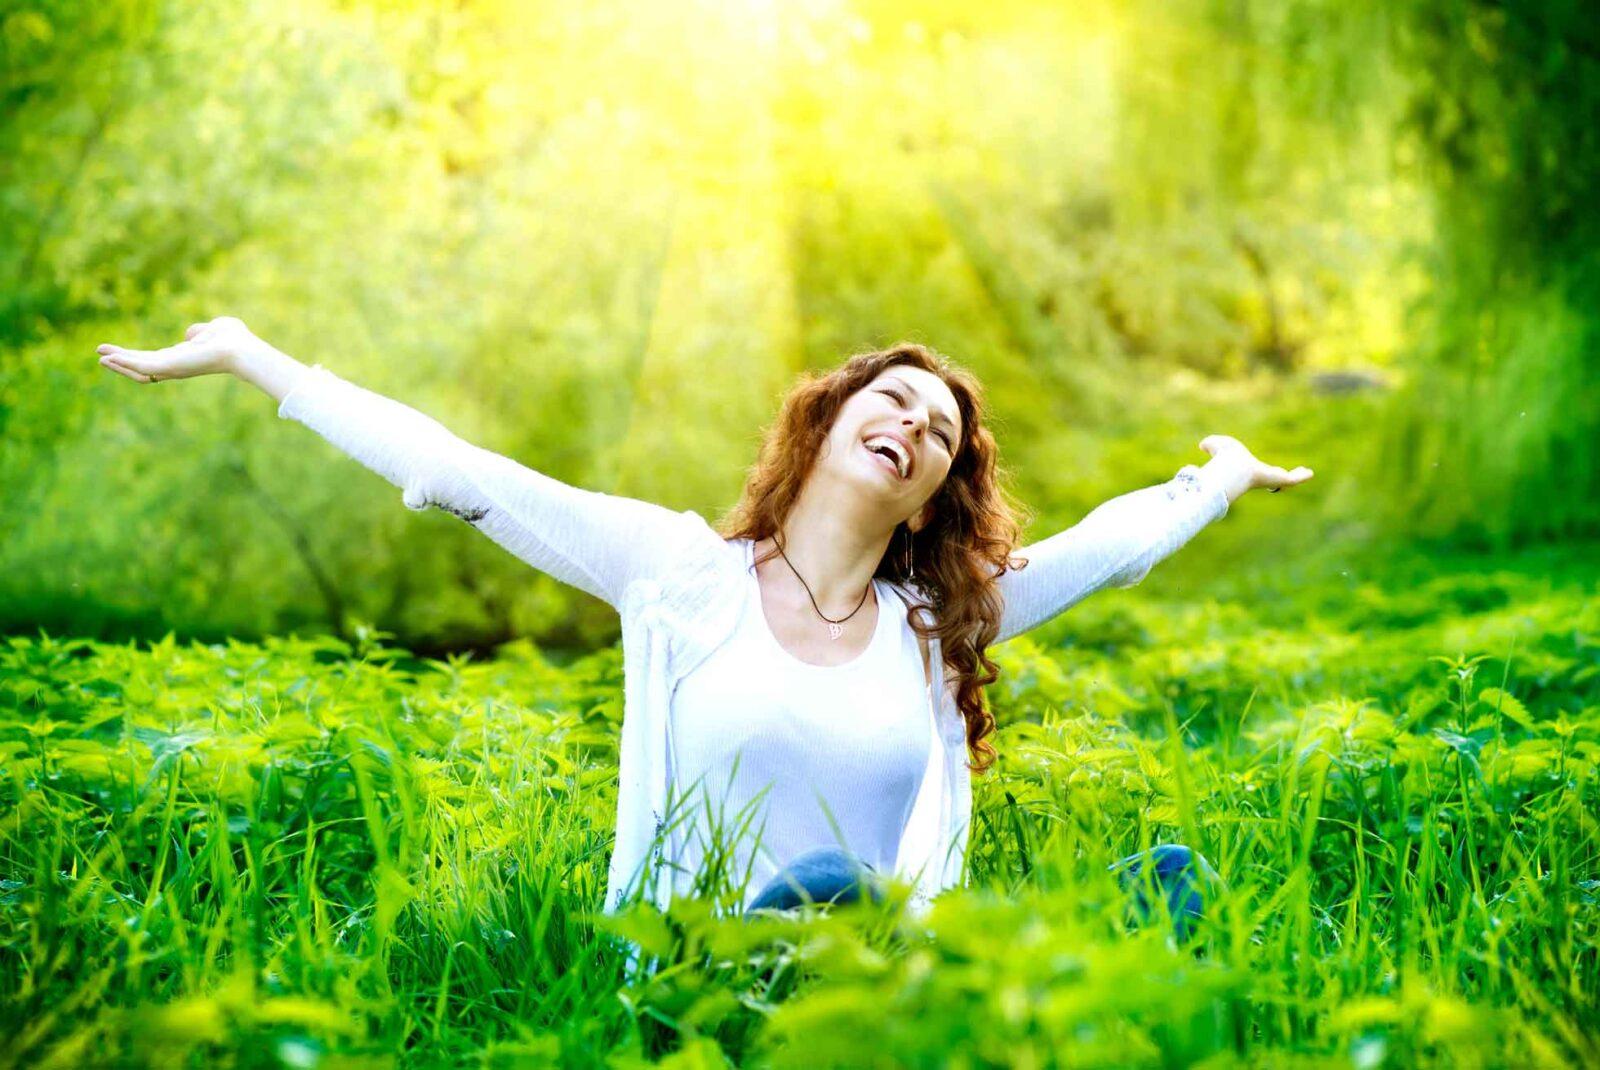 Простые поступки, которые приносят счастье в нашу жизнь